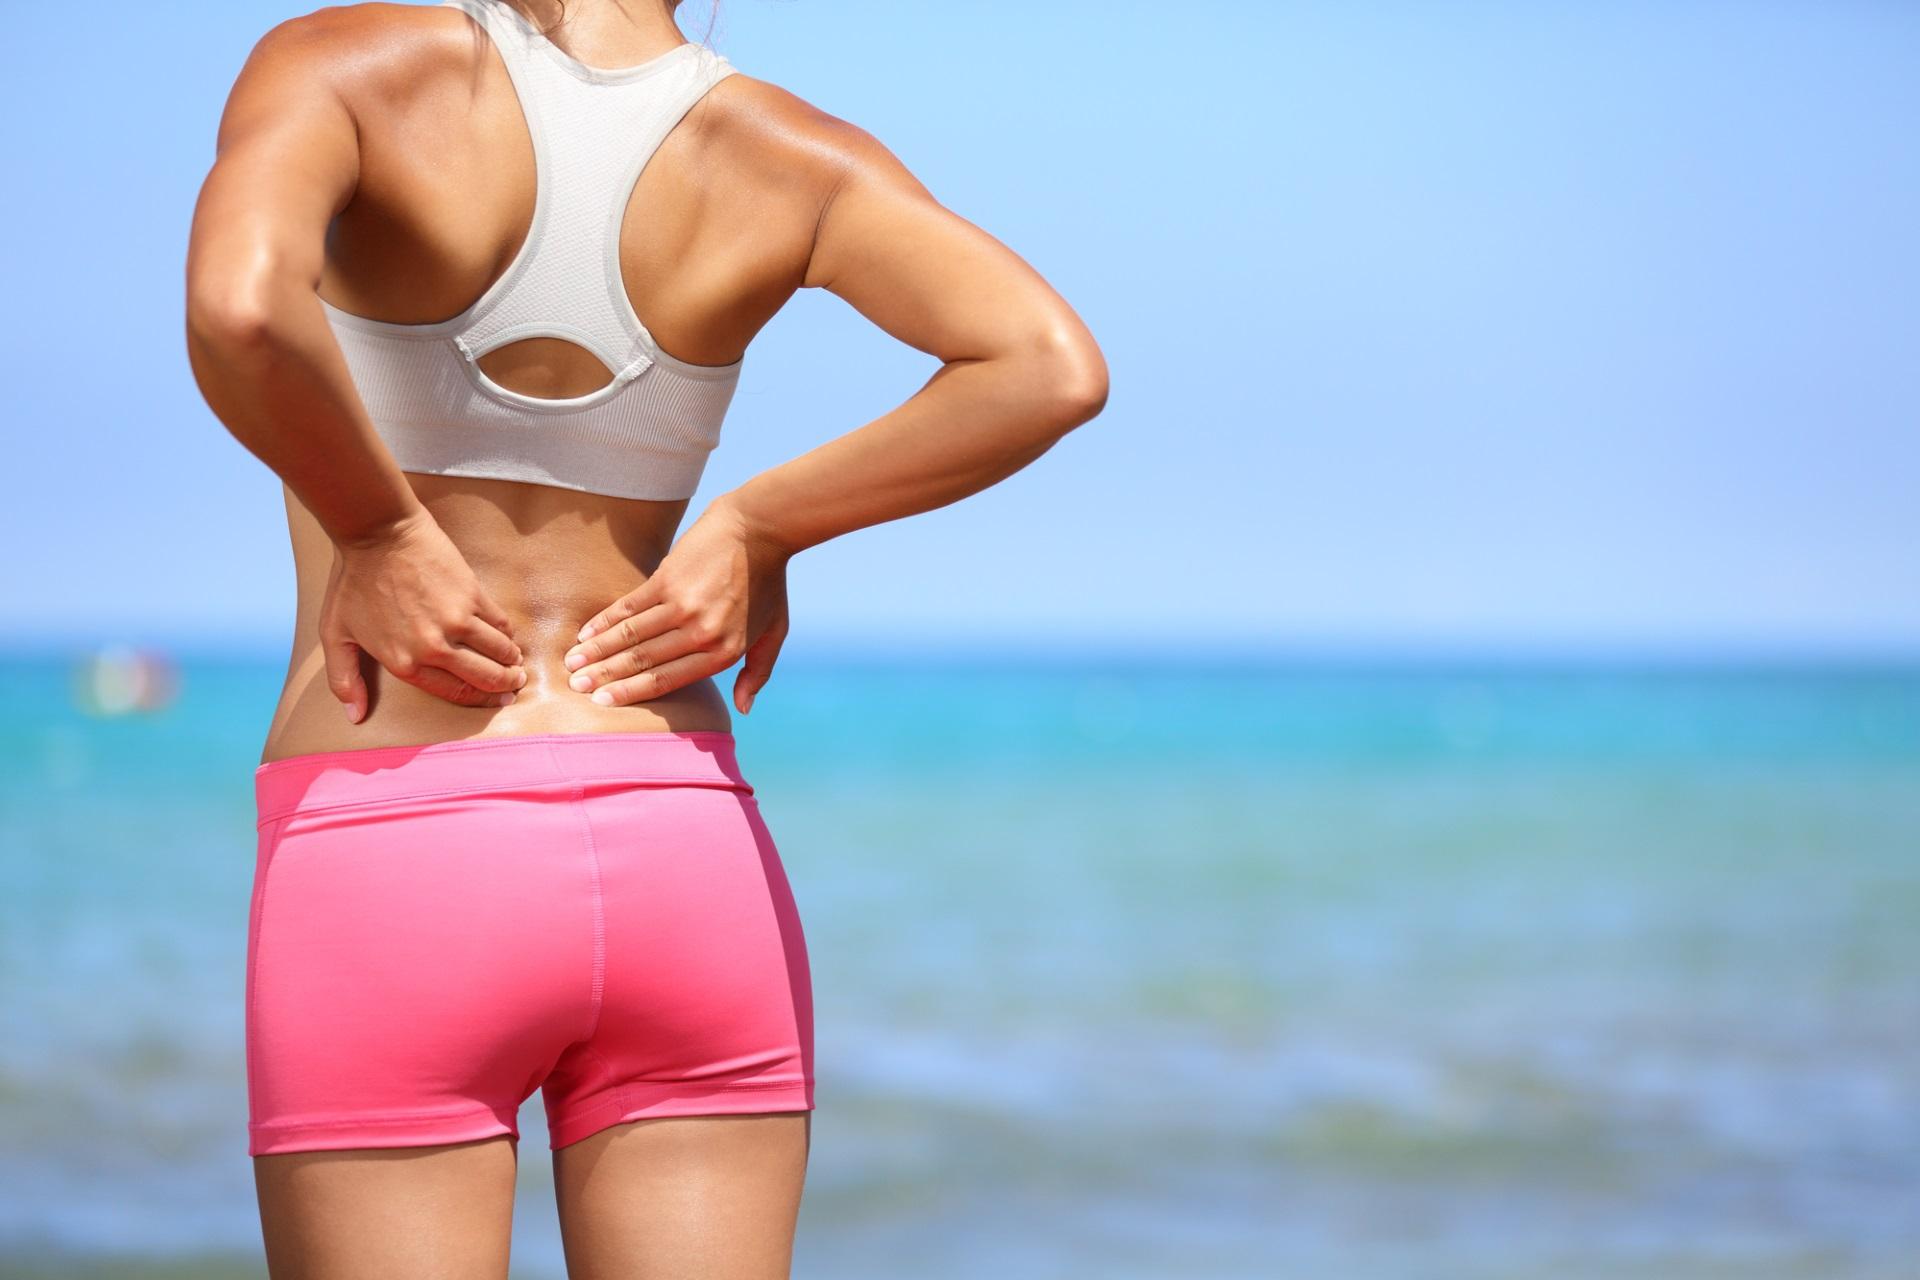 Die richtige Körperhaltung – Einfache Übungen für eine aufrechte Haltung